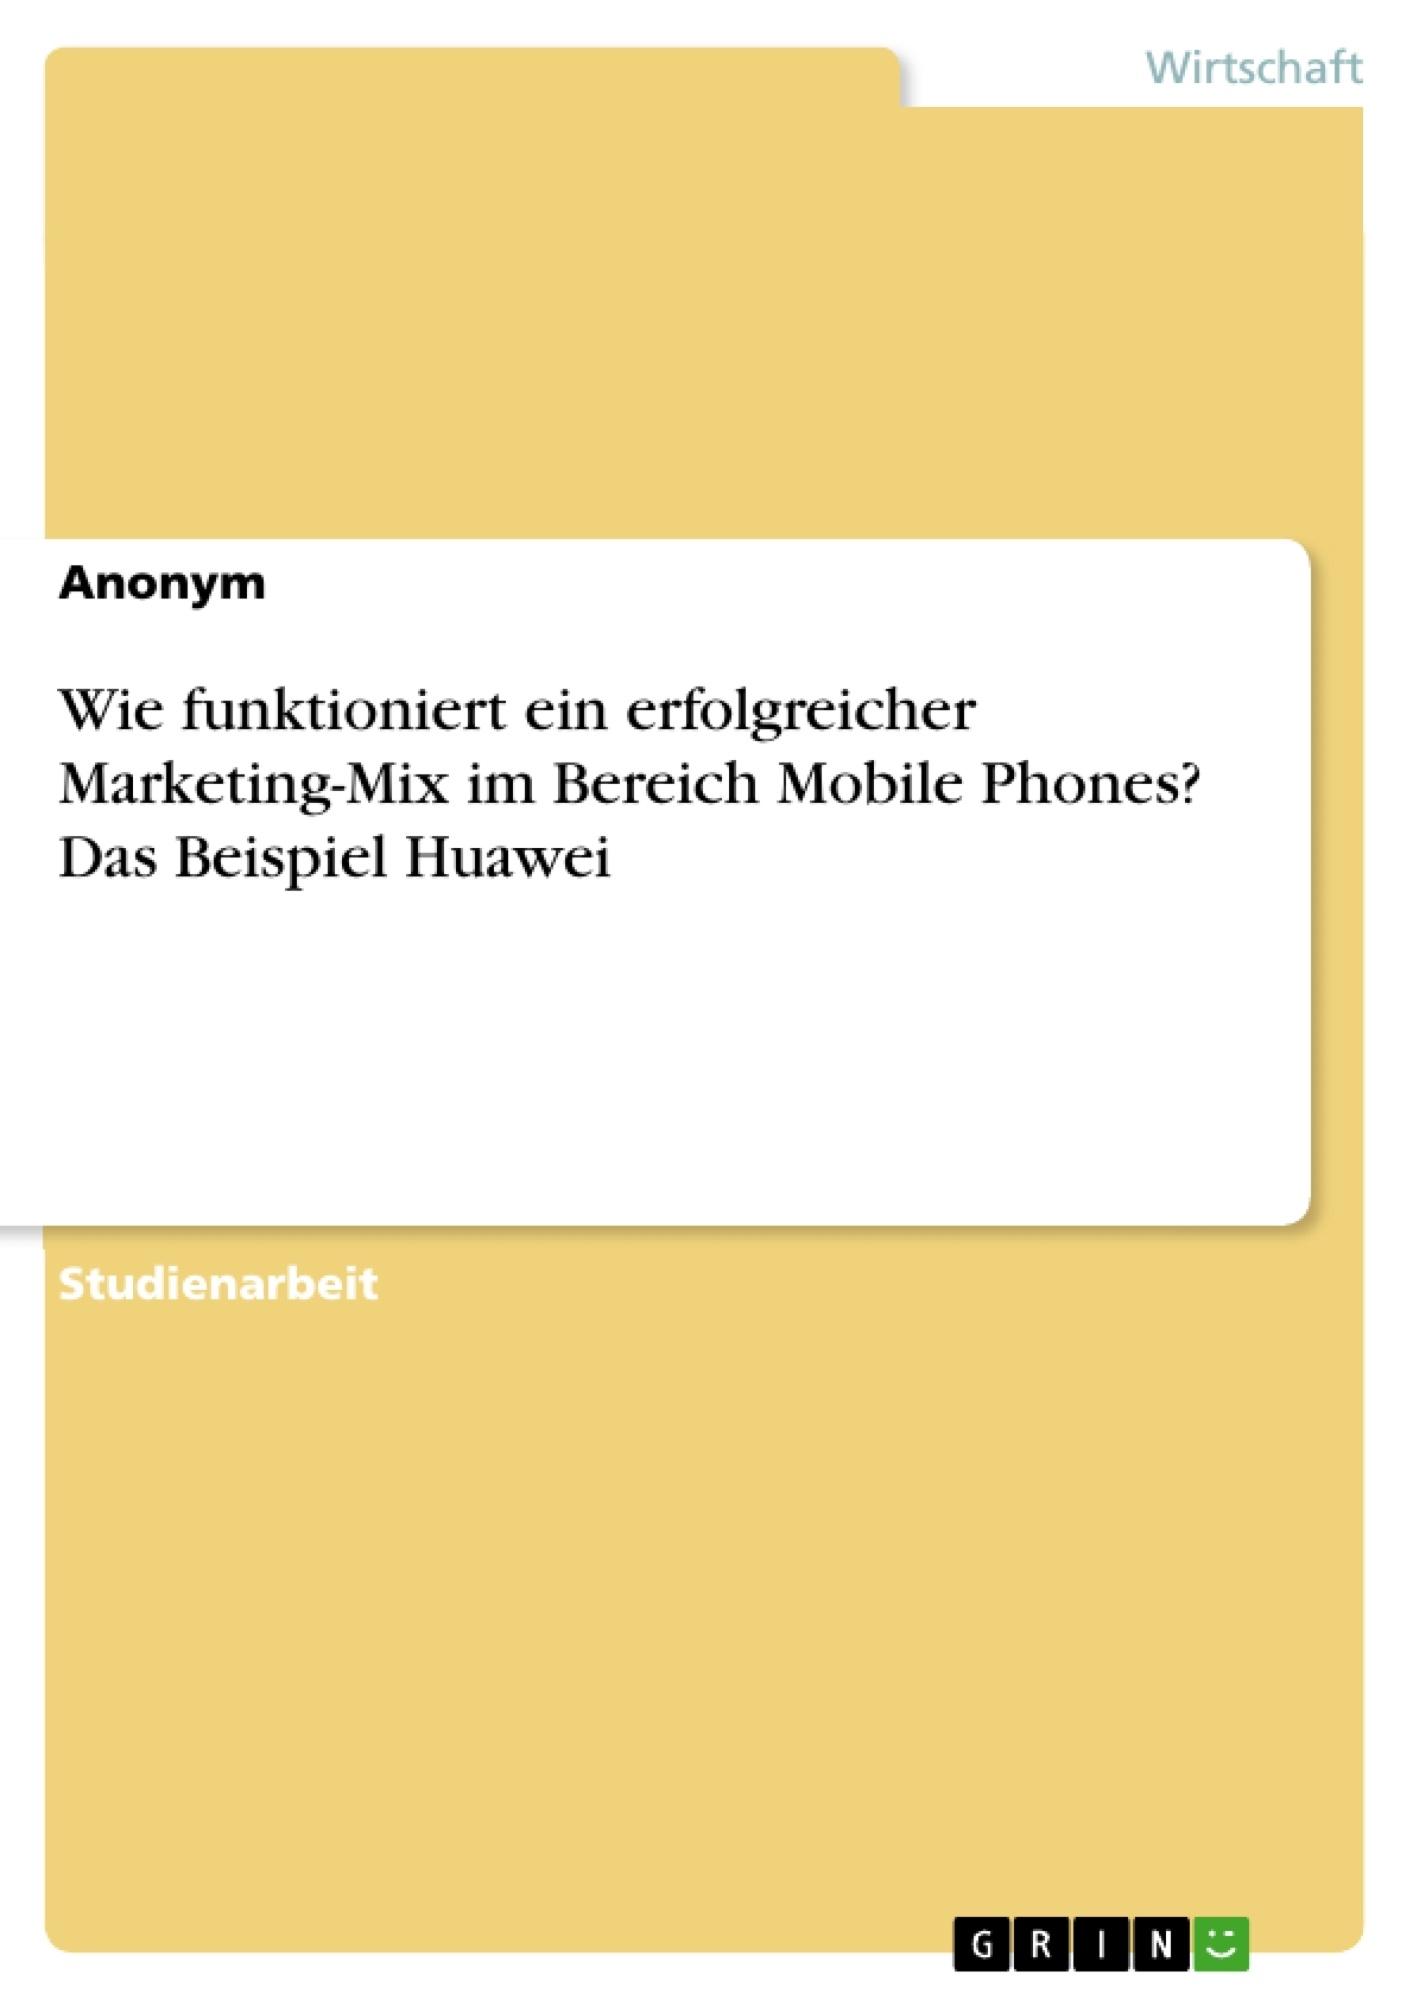 Titel: Wie funktioniert ein erfolgreicher Marketing-Mix im Bereich Mobile Phones? Das Beispiel Huawei